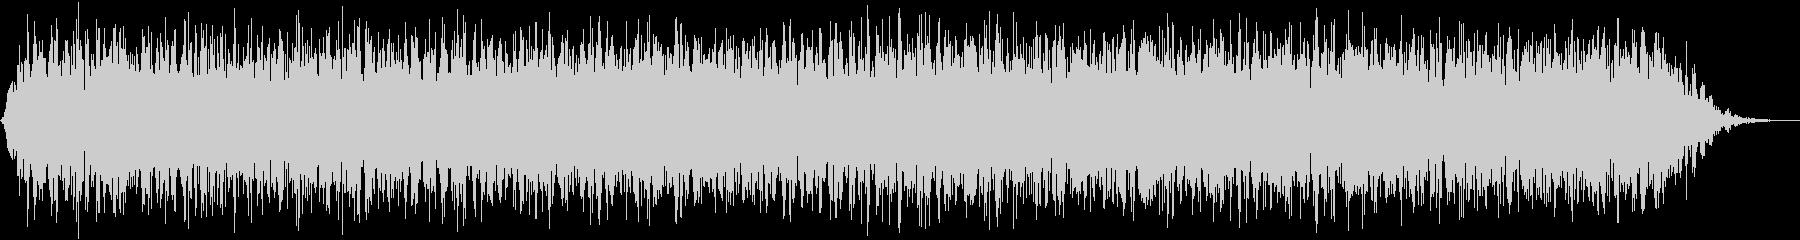 【アンビエント】ドローン_51 実験音の未再生の波形